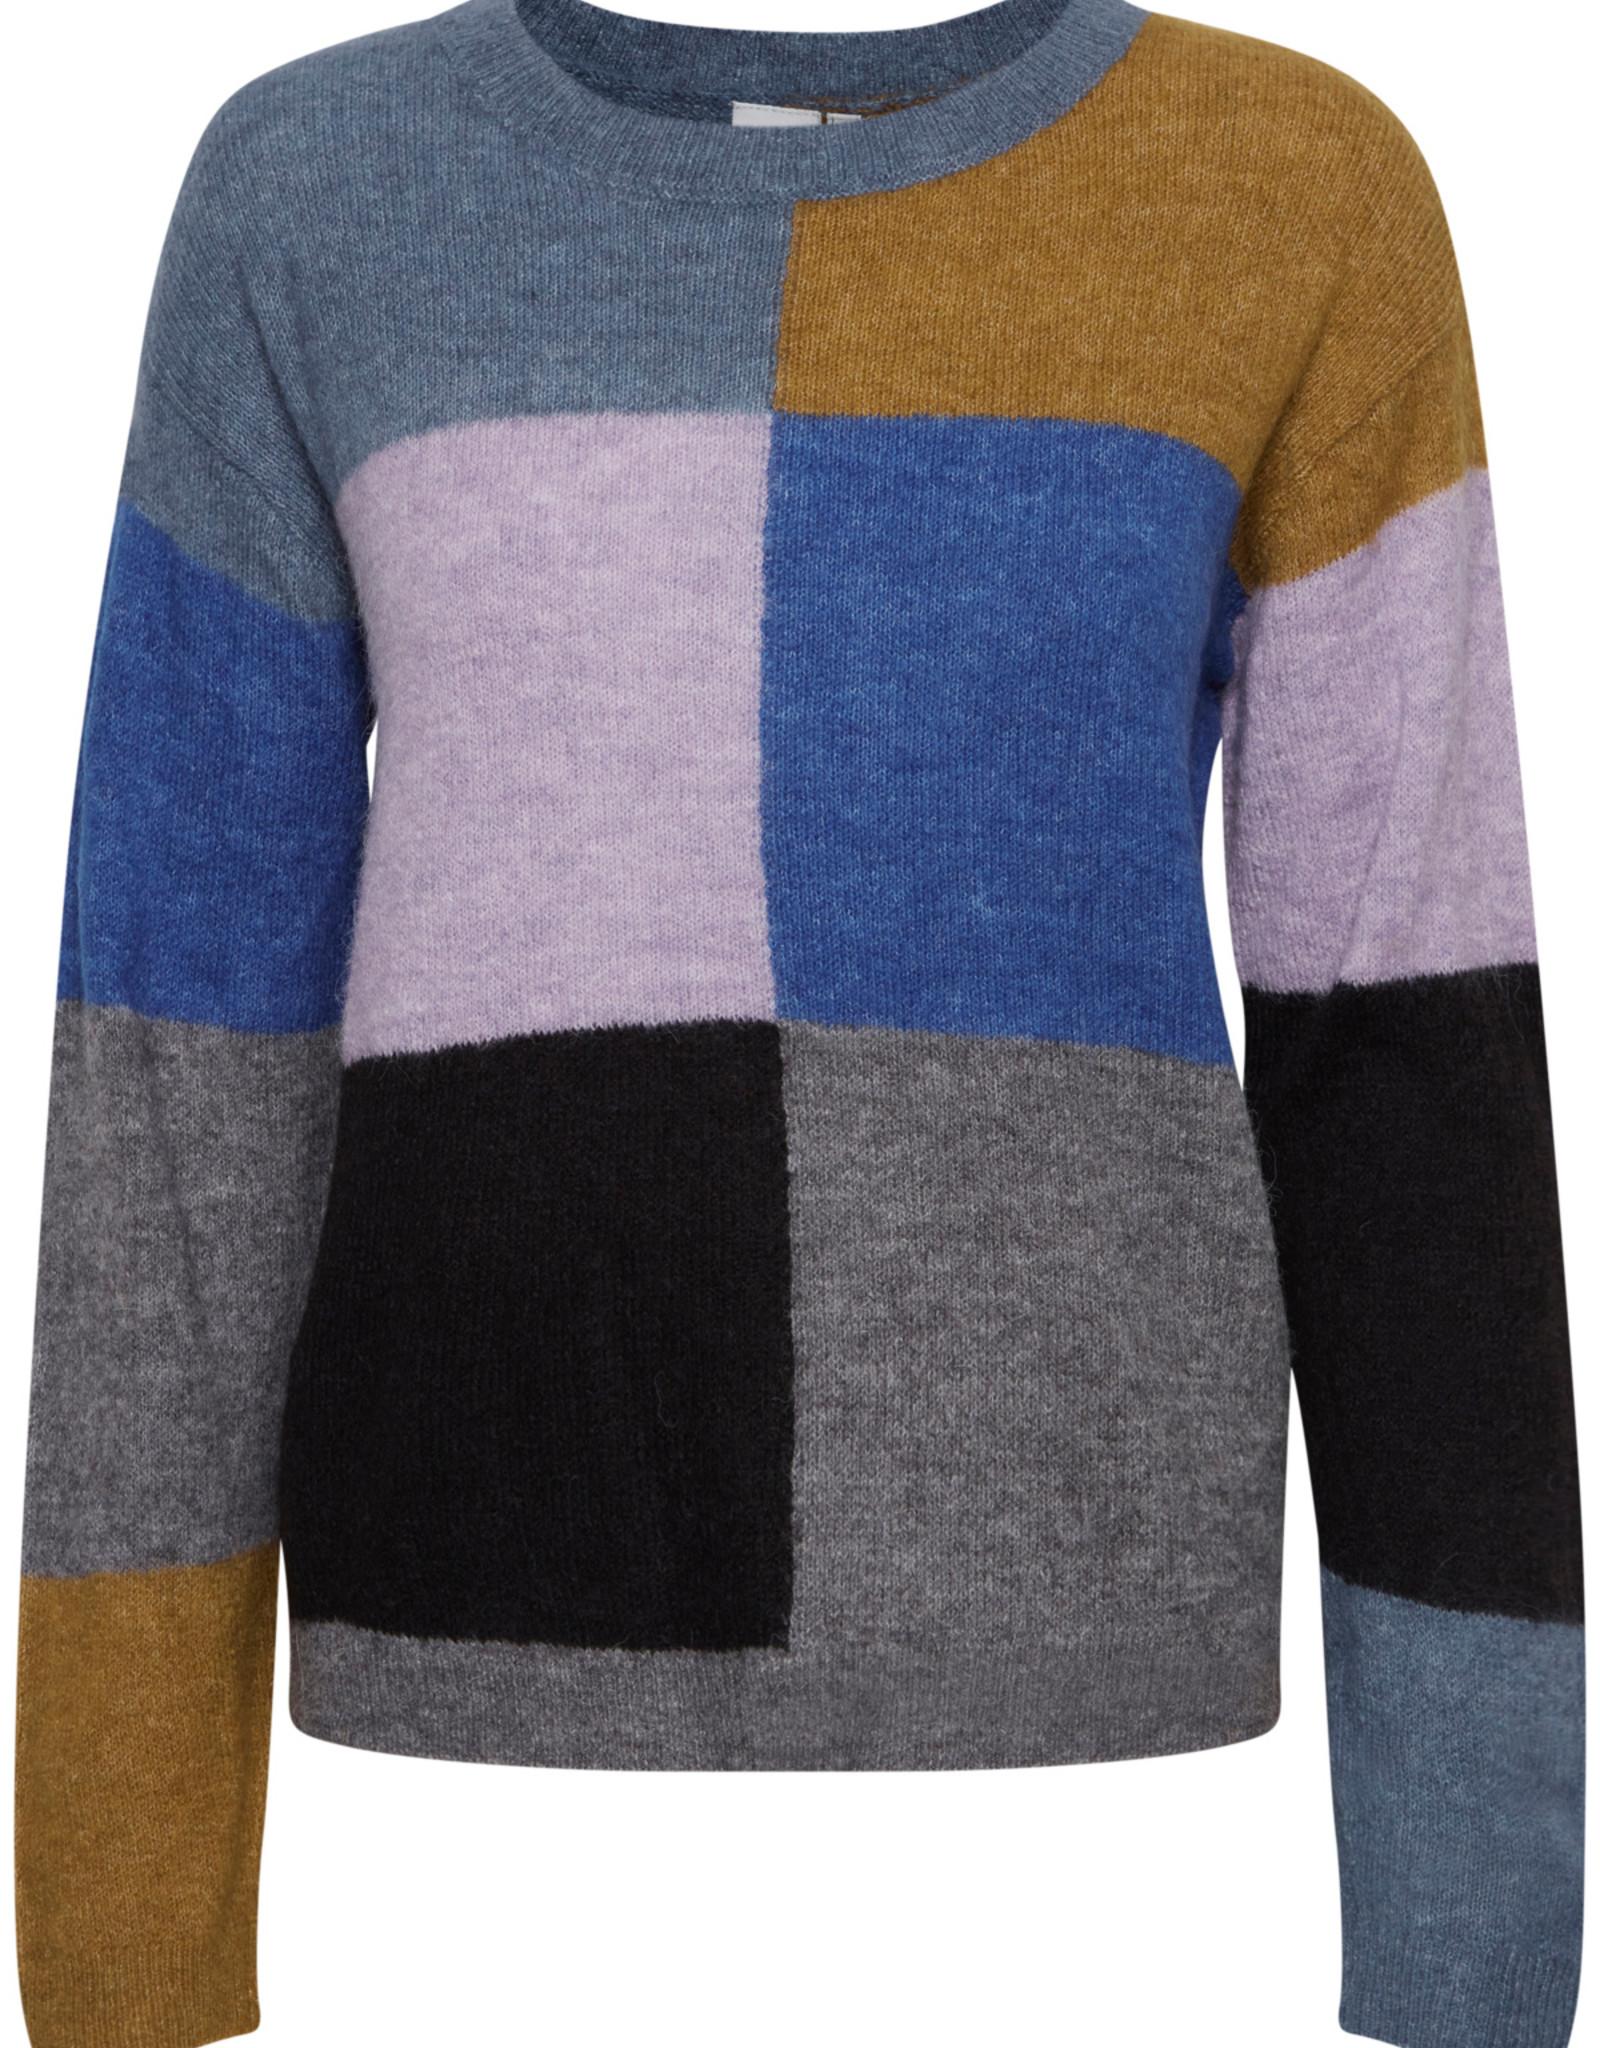 ICHI Ichi - Ihkamara Knitted Pullover